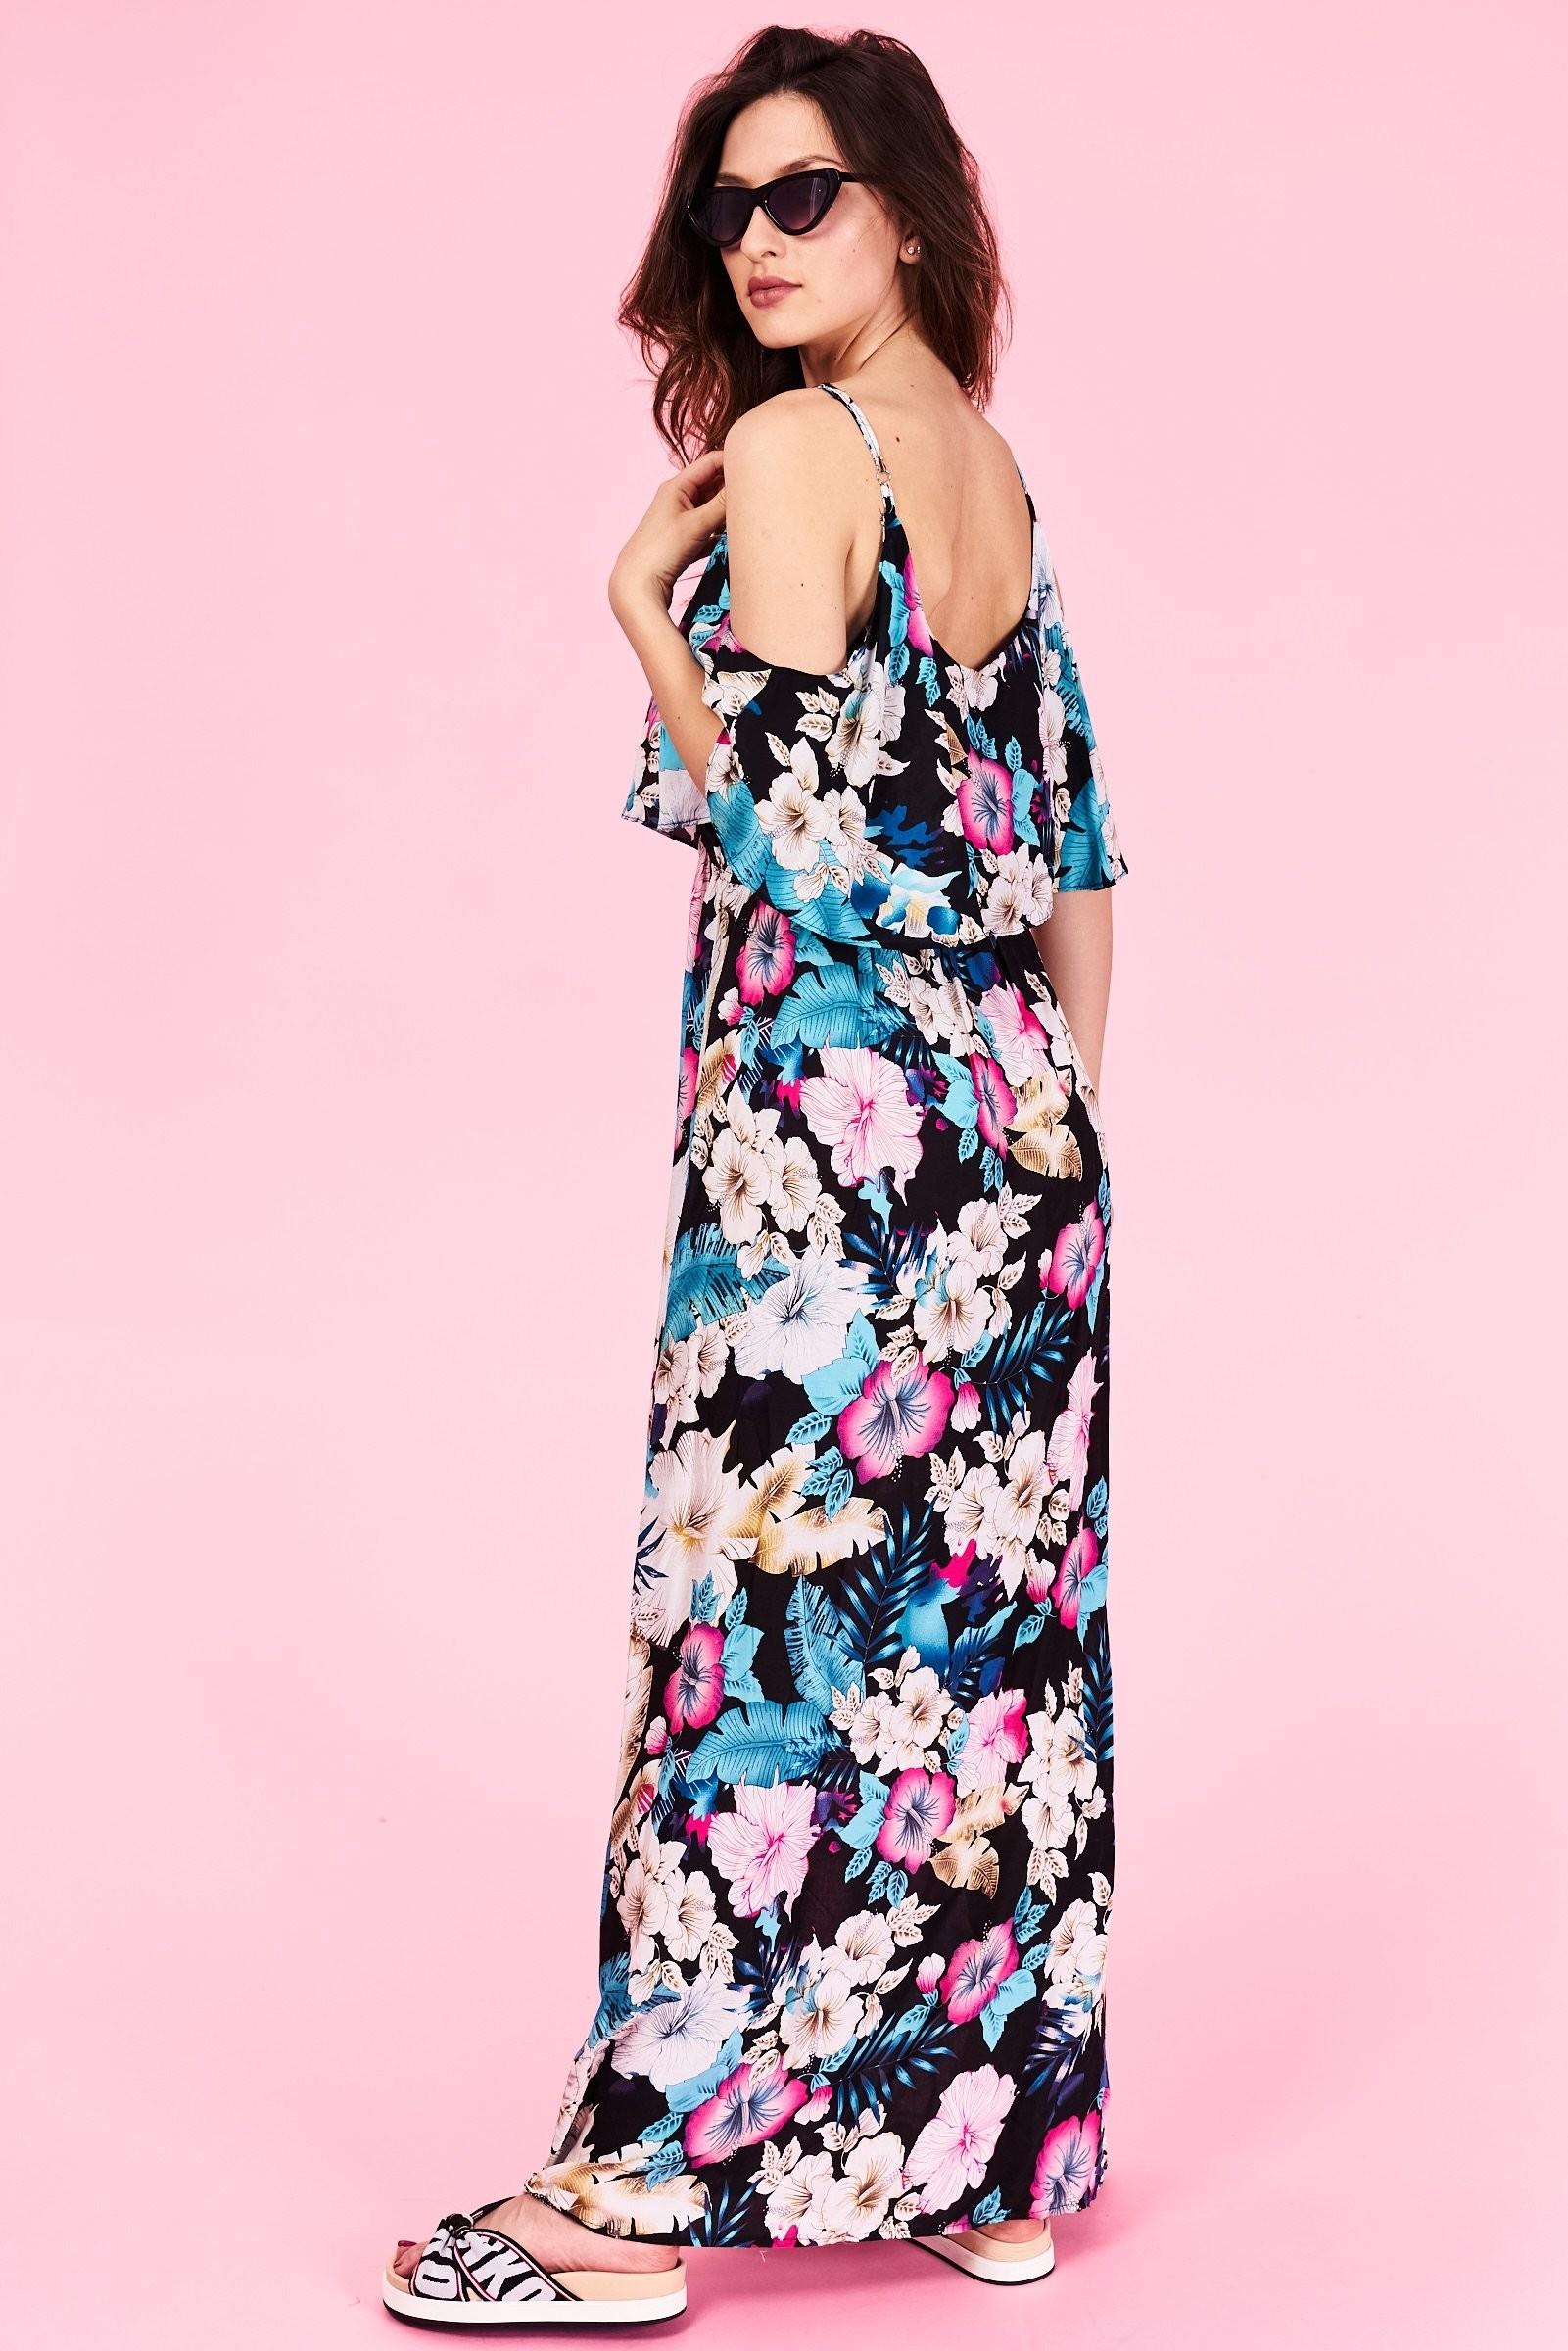 Dlhé letné šaty Londyn Veľkosť   S M a L XL Vyrobené z príjemného b4802701b3e